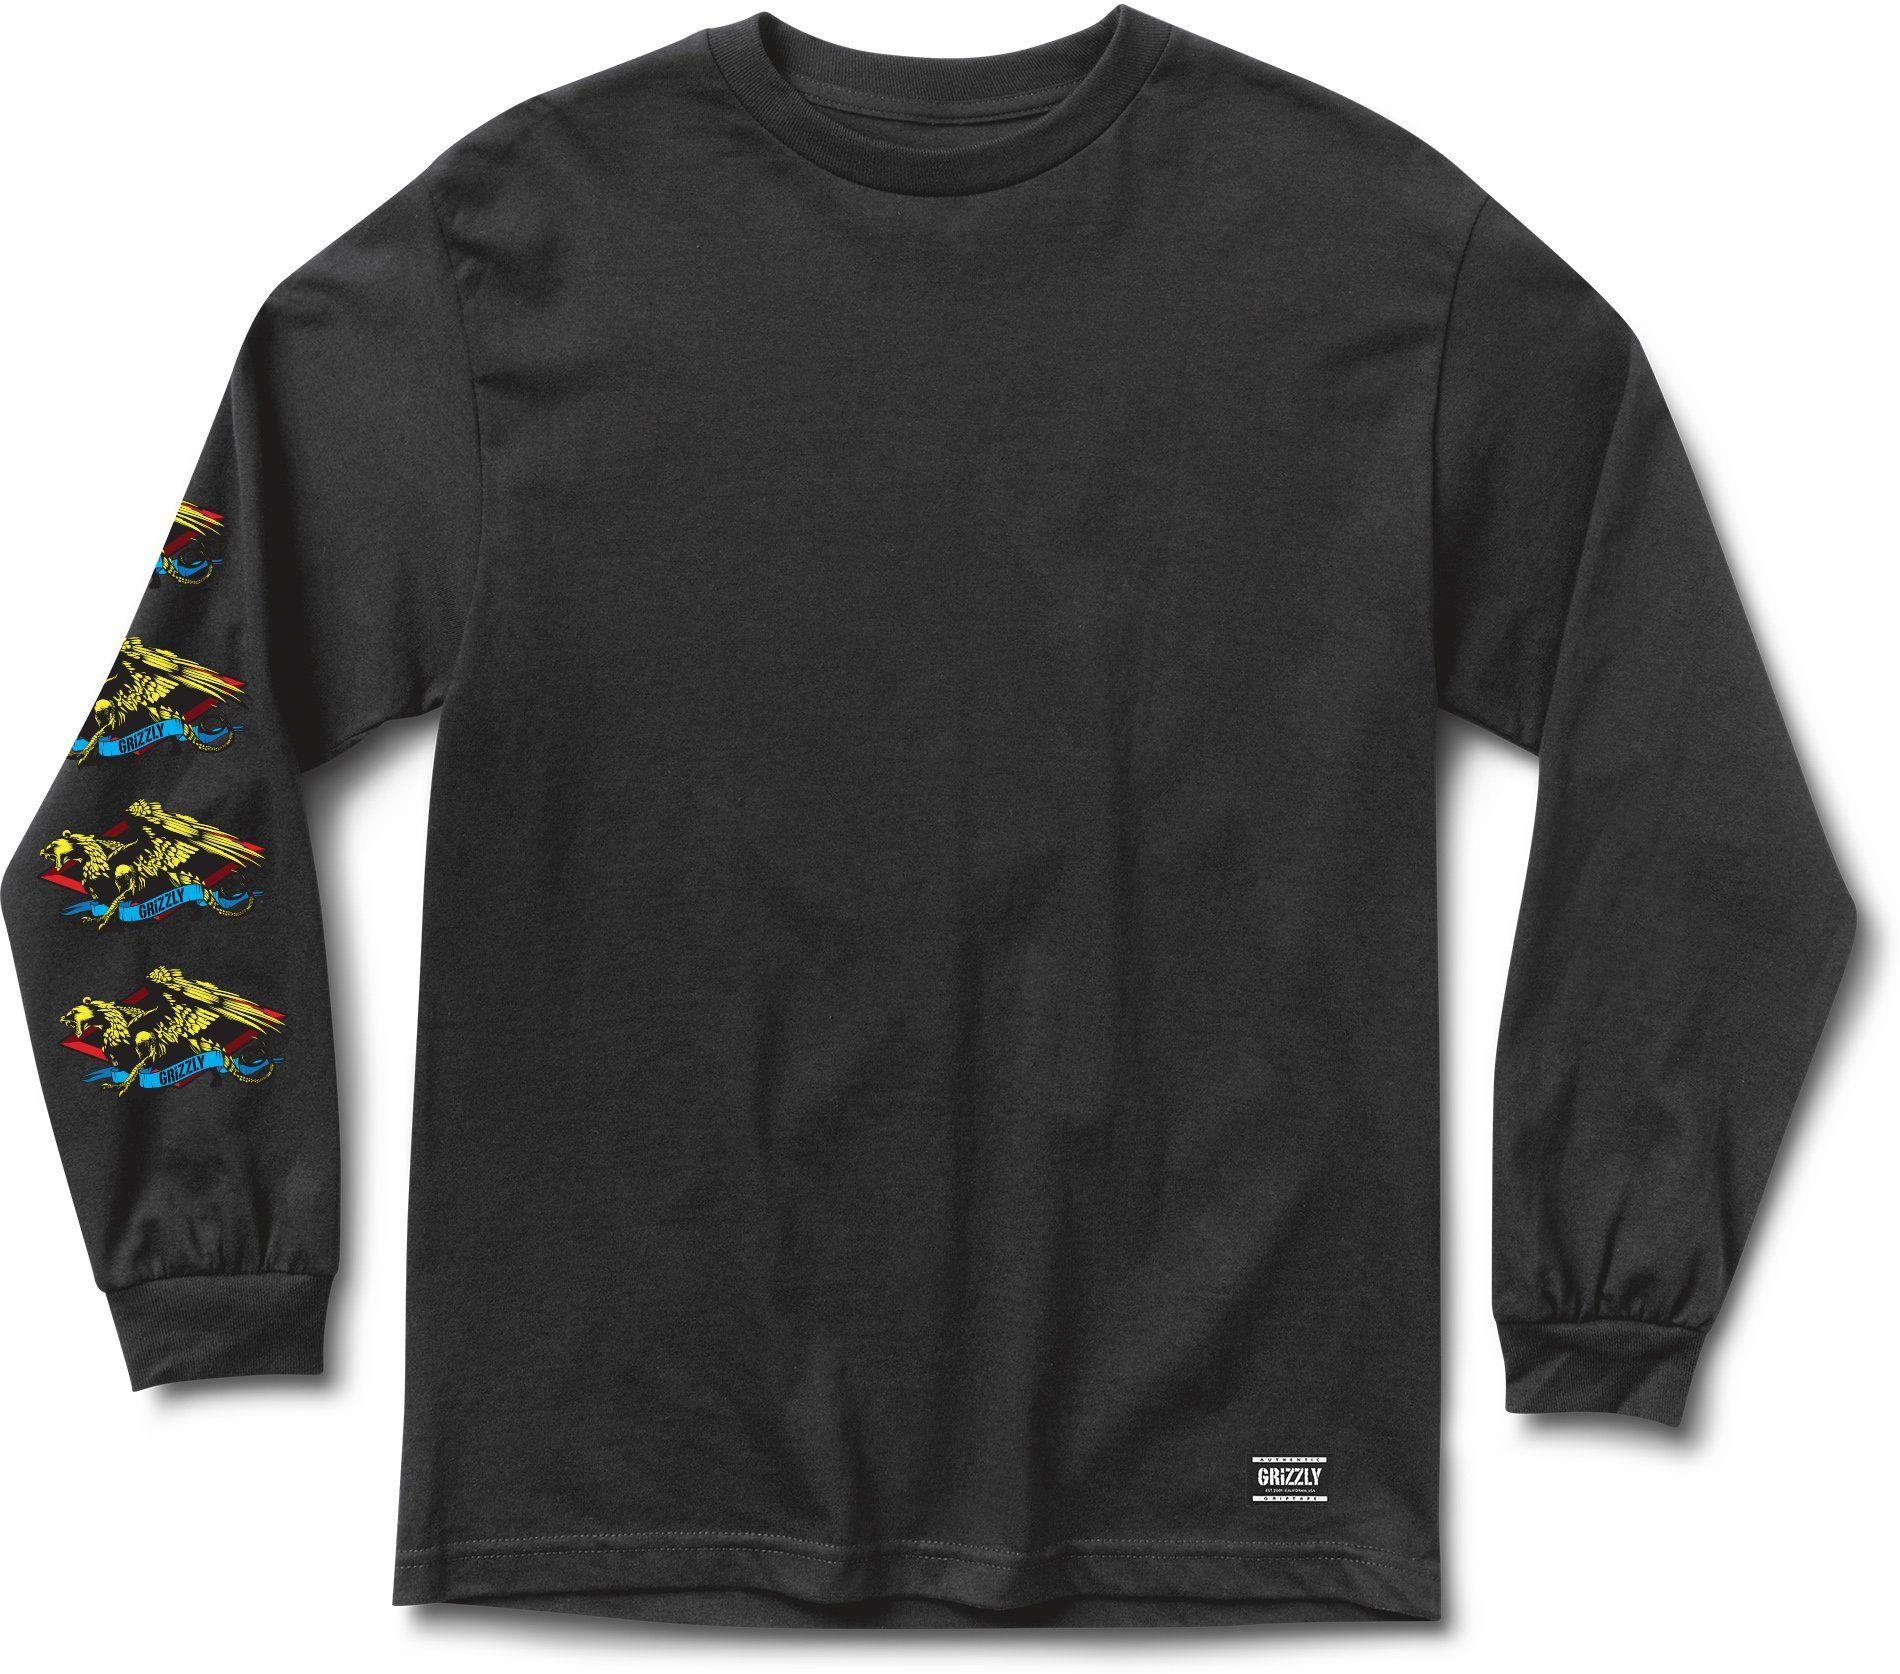 t-shirt męski GRIZZLY BEAST MASTER LS TEE Black